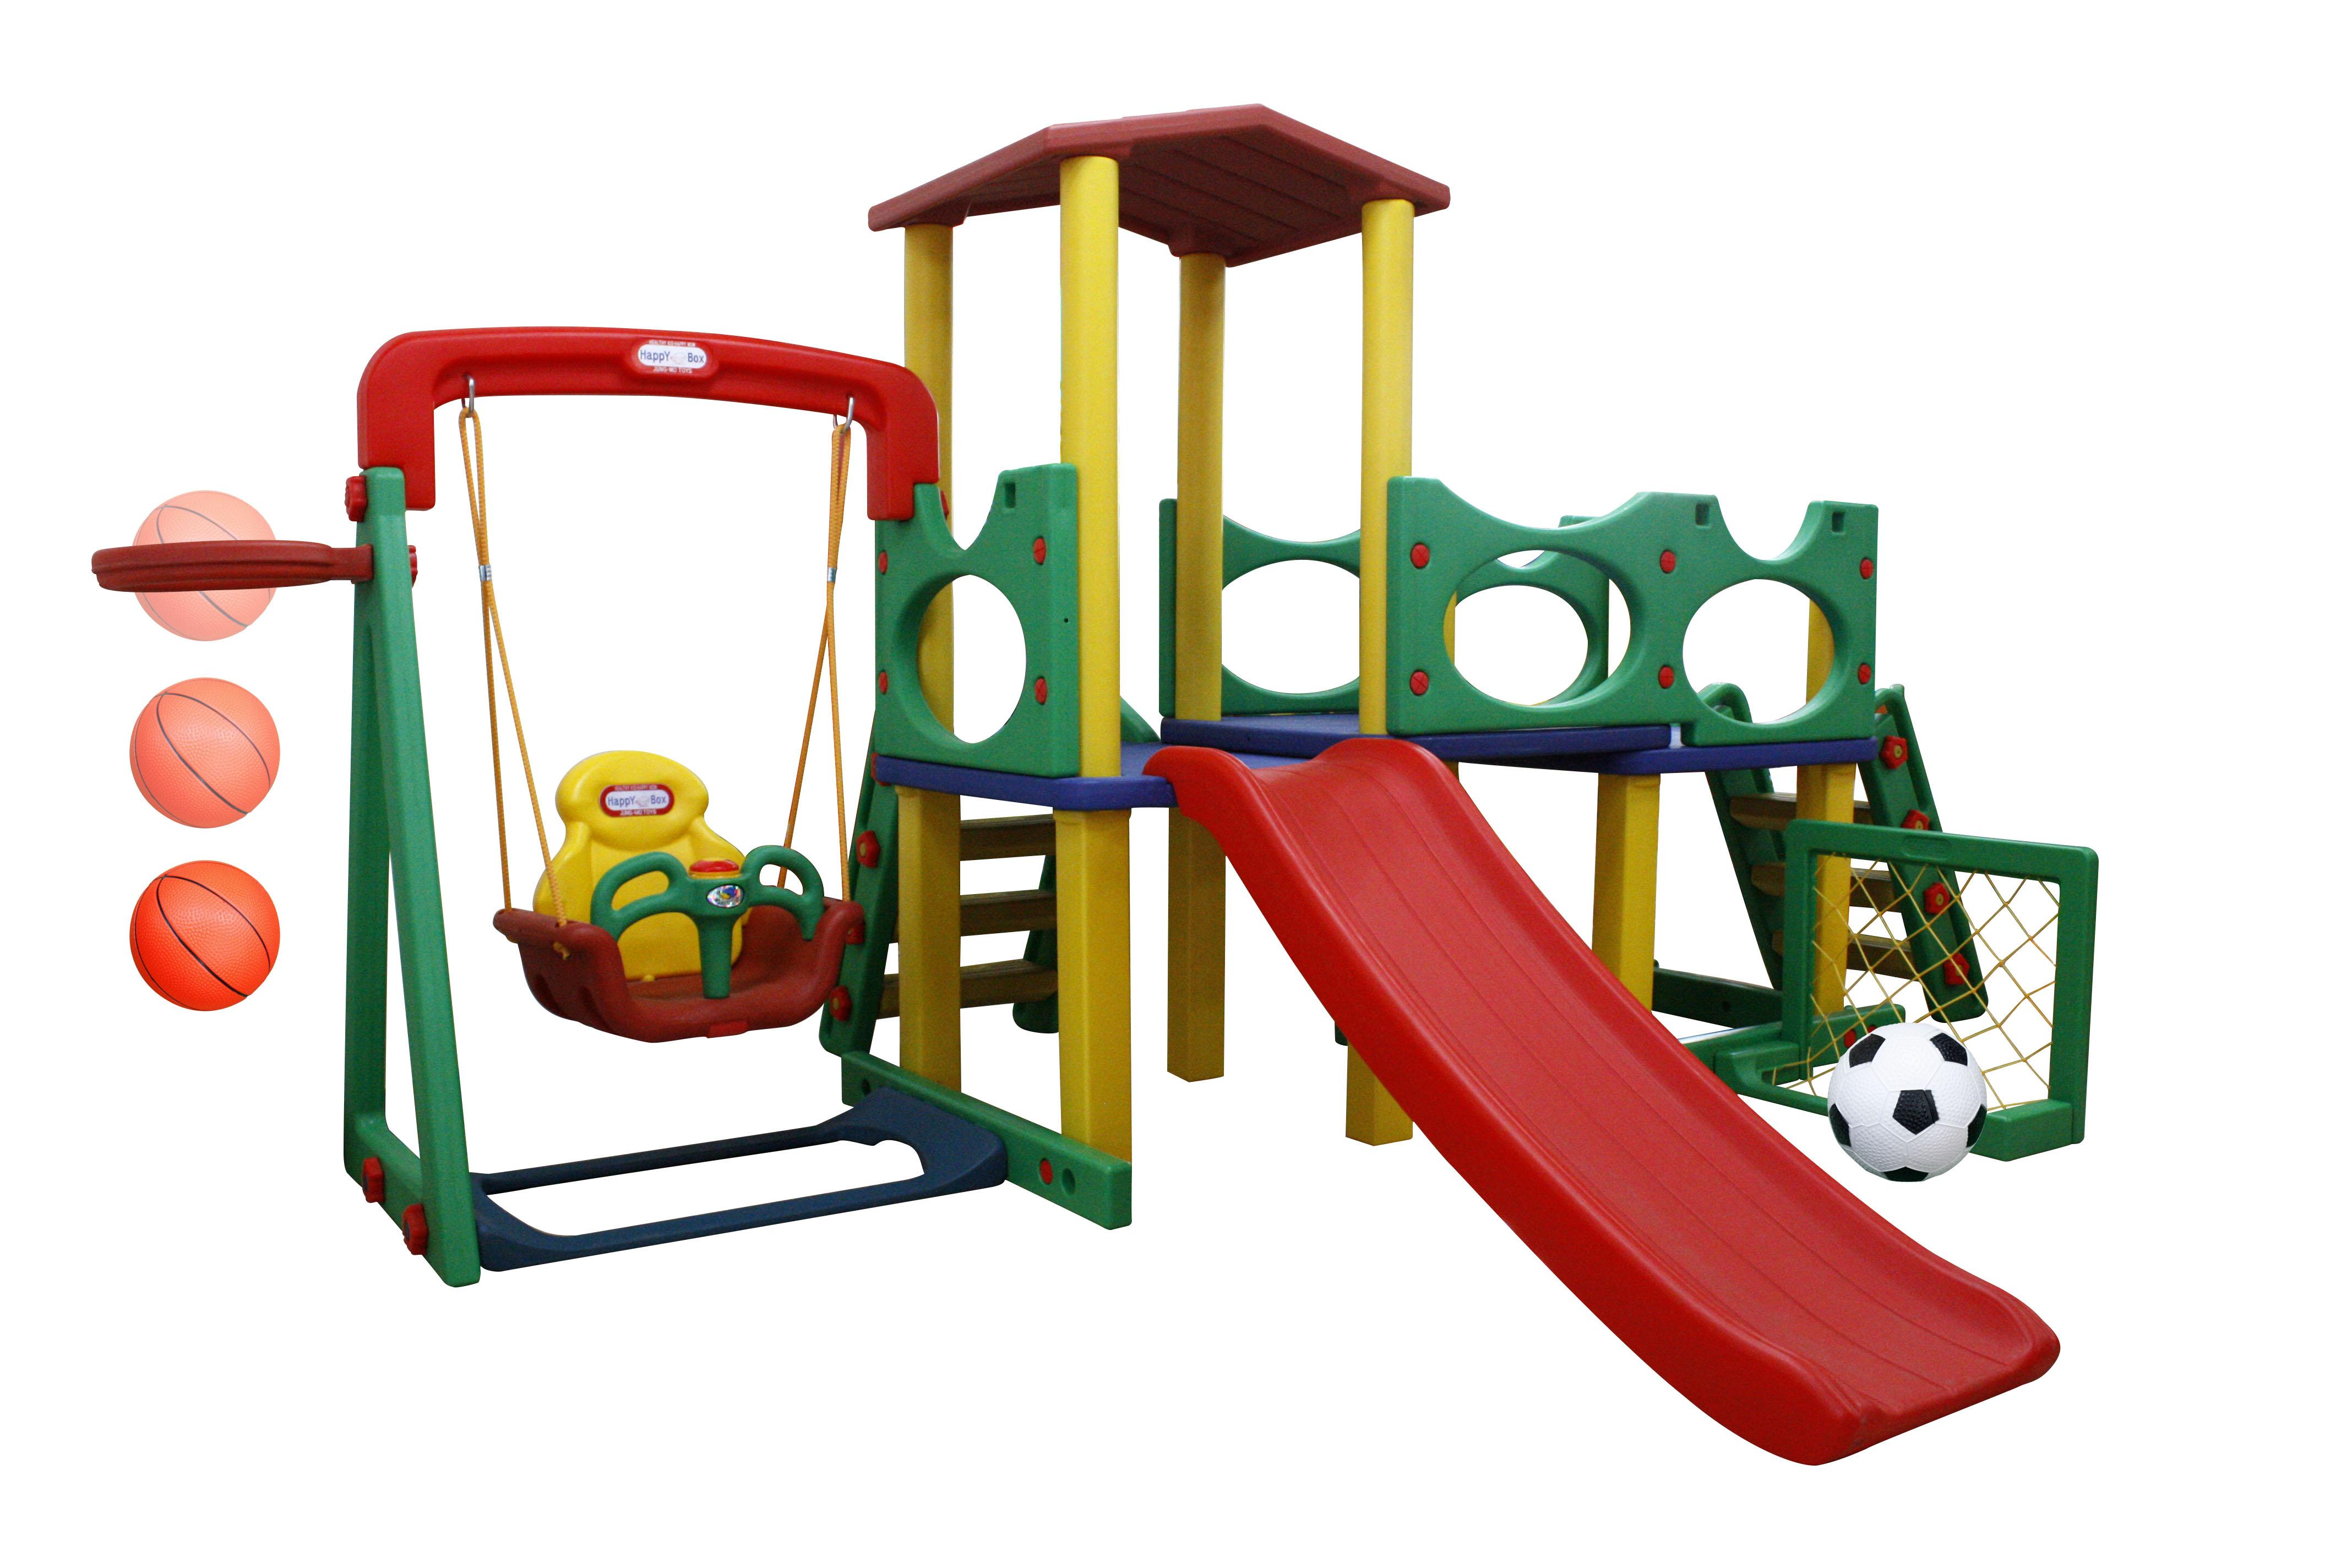 Игровая зона Smart Park с горкой, качелями, баскетбольным мячом и воротами - Детские игровые горки, артикул: 161482